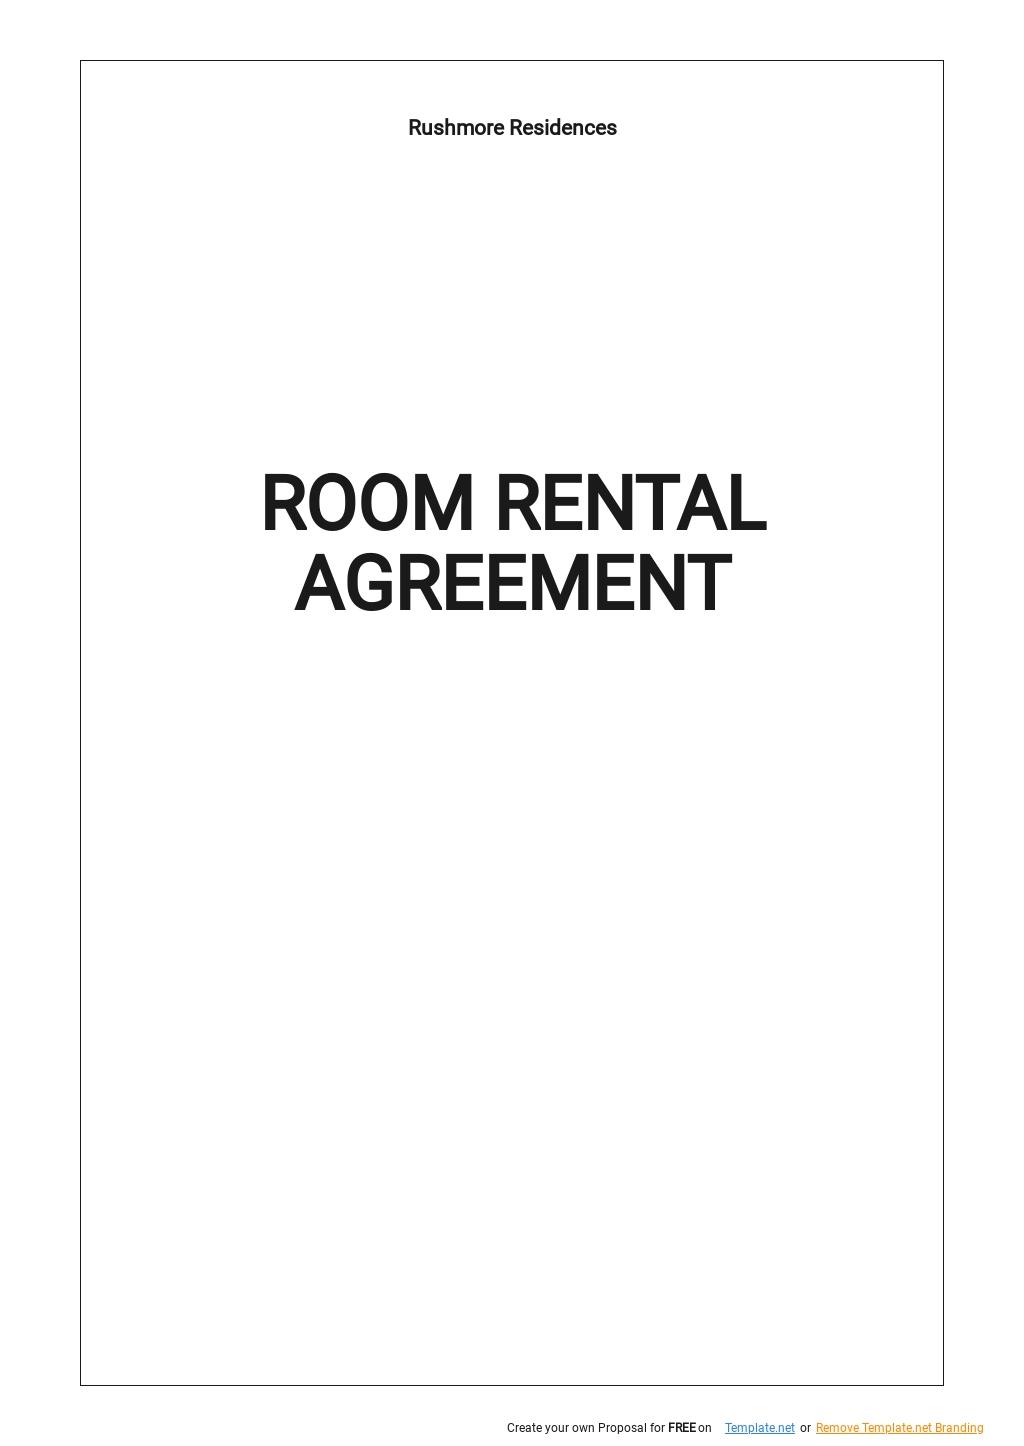 Sample Room Rental Agreement Template.jpe